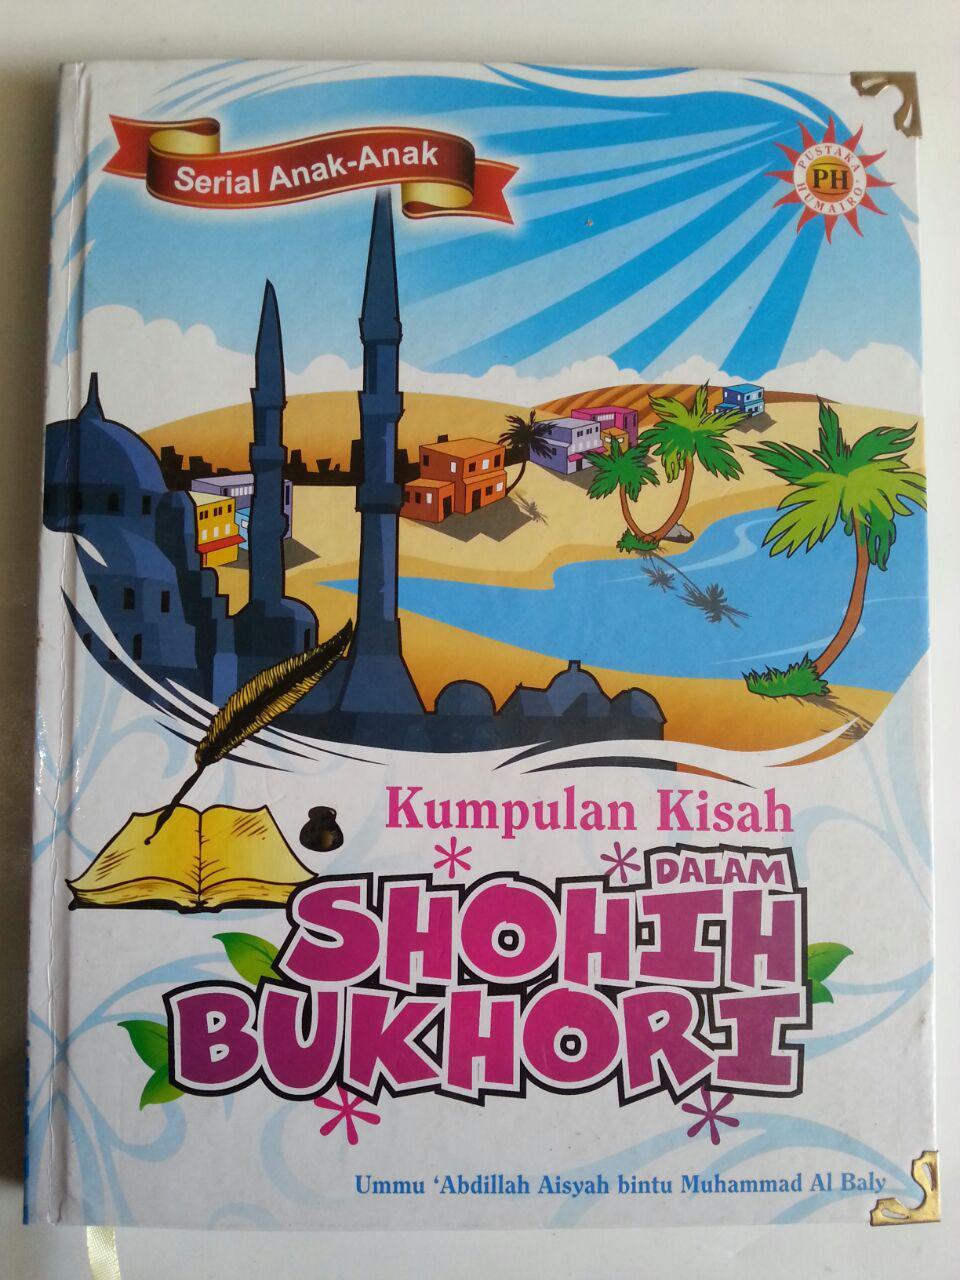 Buku Kumpulan Kisah Dalam Shohih Bukhori cover 2